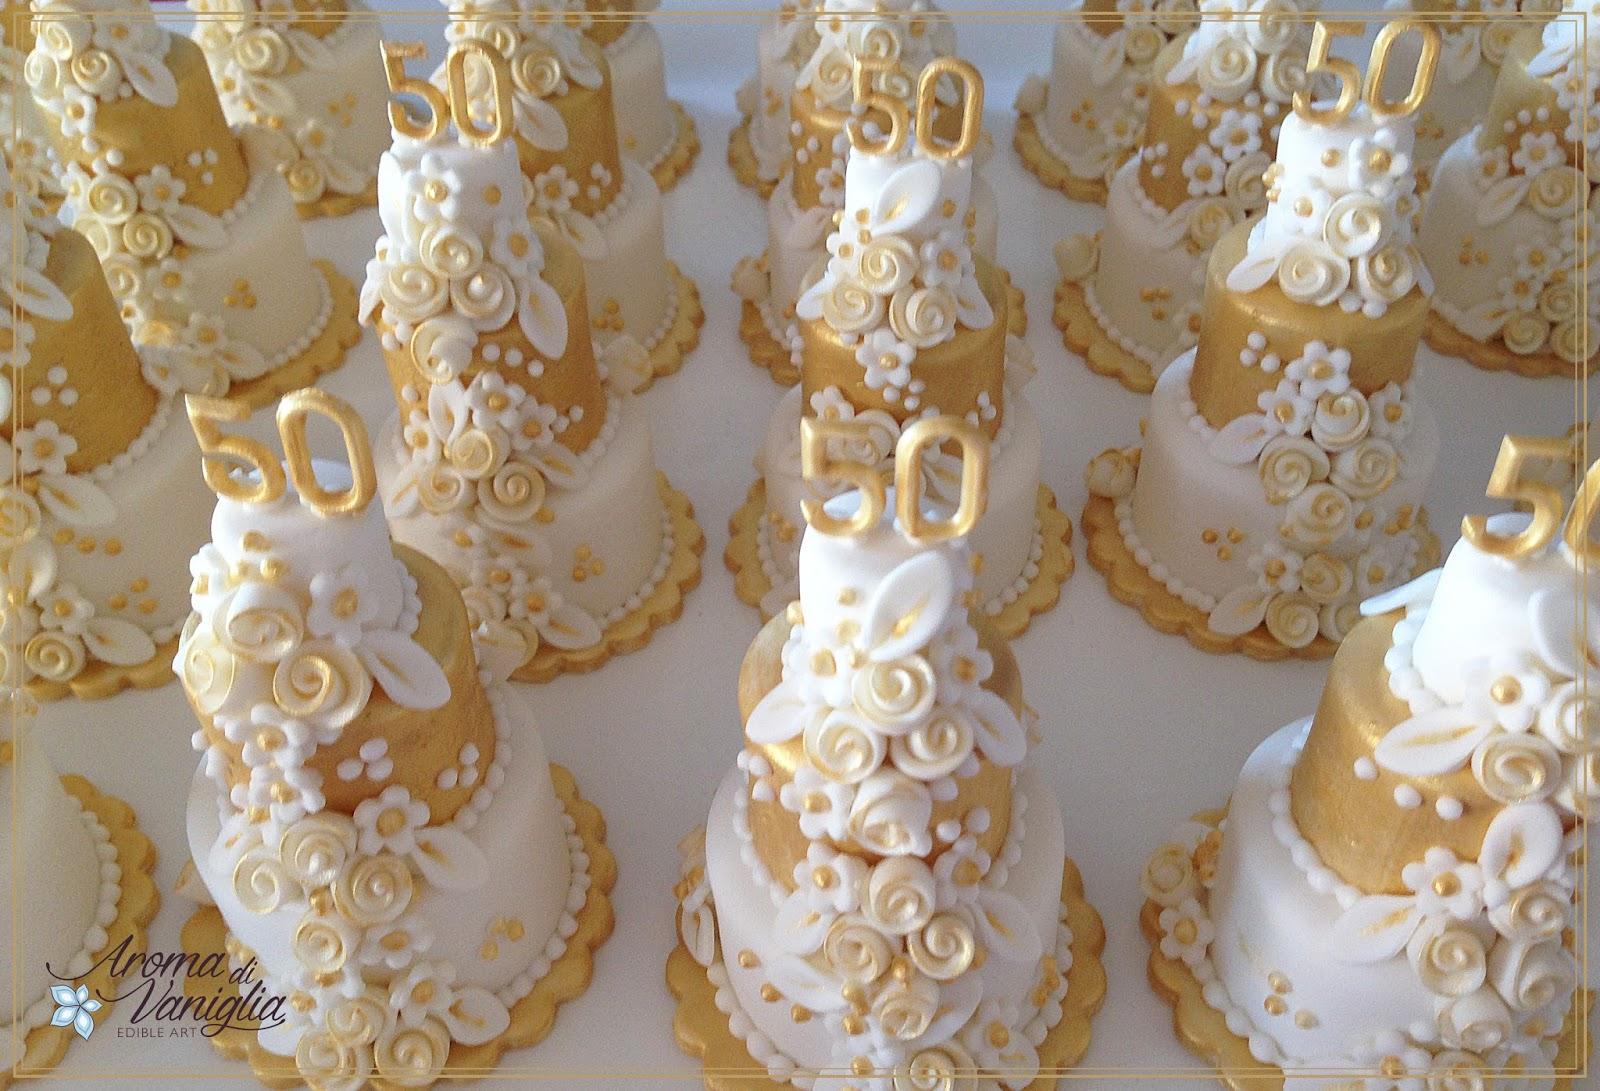 Popolare aroma di vaniglia: nozze d'oro QS78